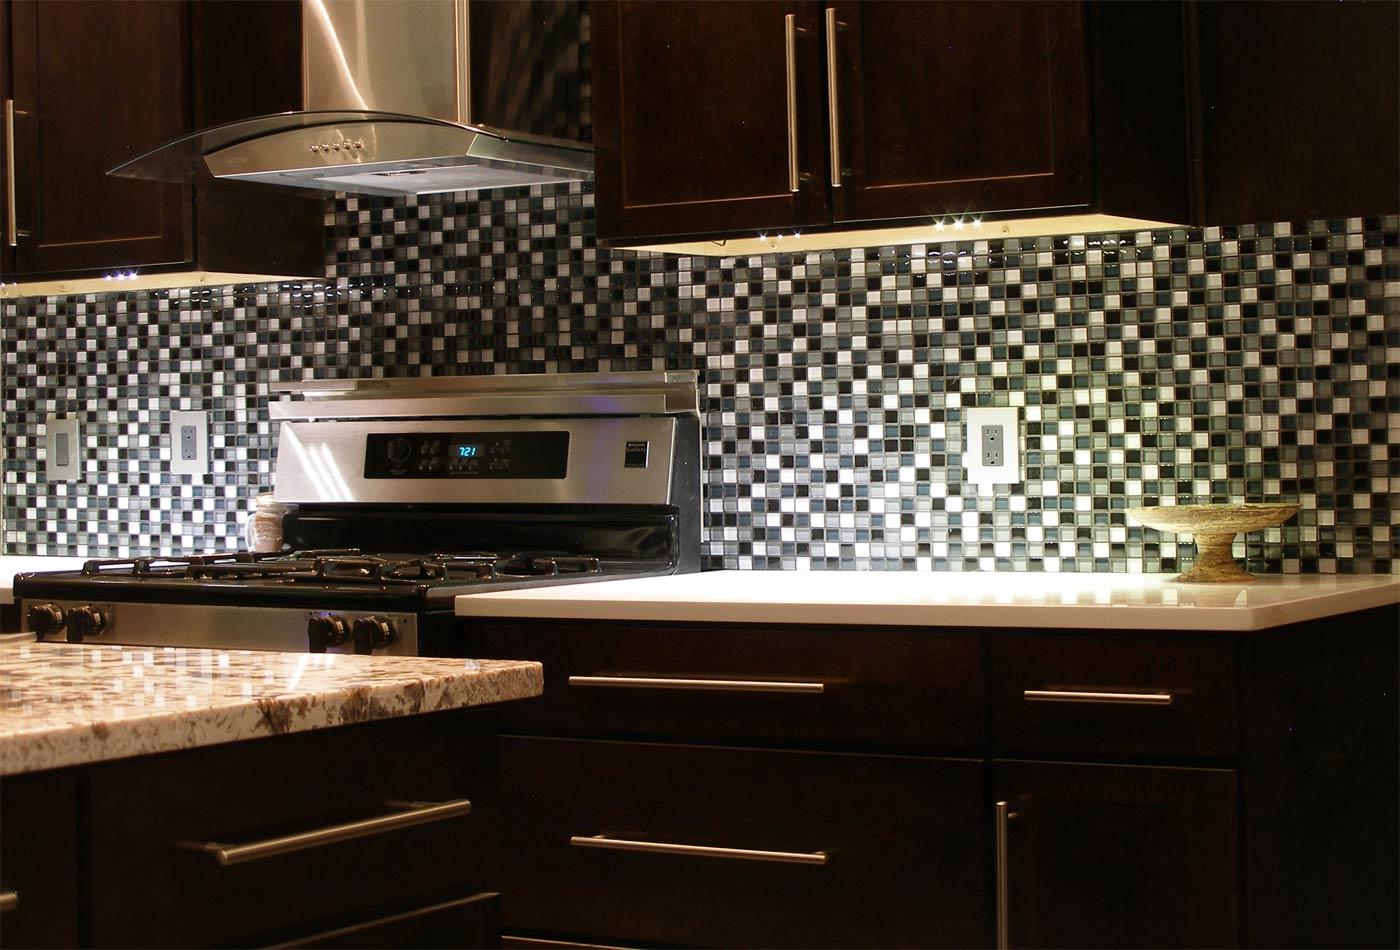 Parlak-Siyah-Mutfak-Cam-Mozaik-Tasarımı Mutfak Cam Mozaik Modelleri